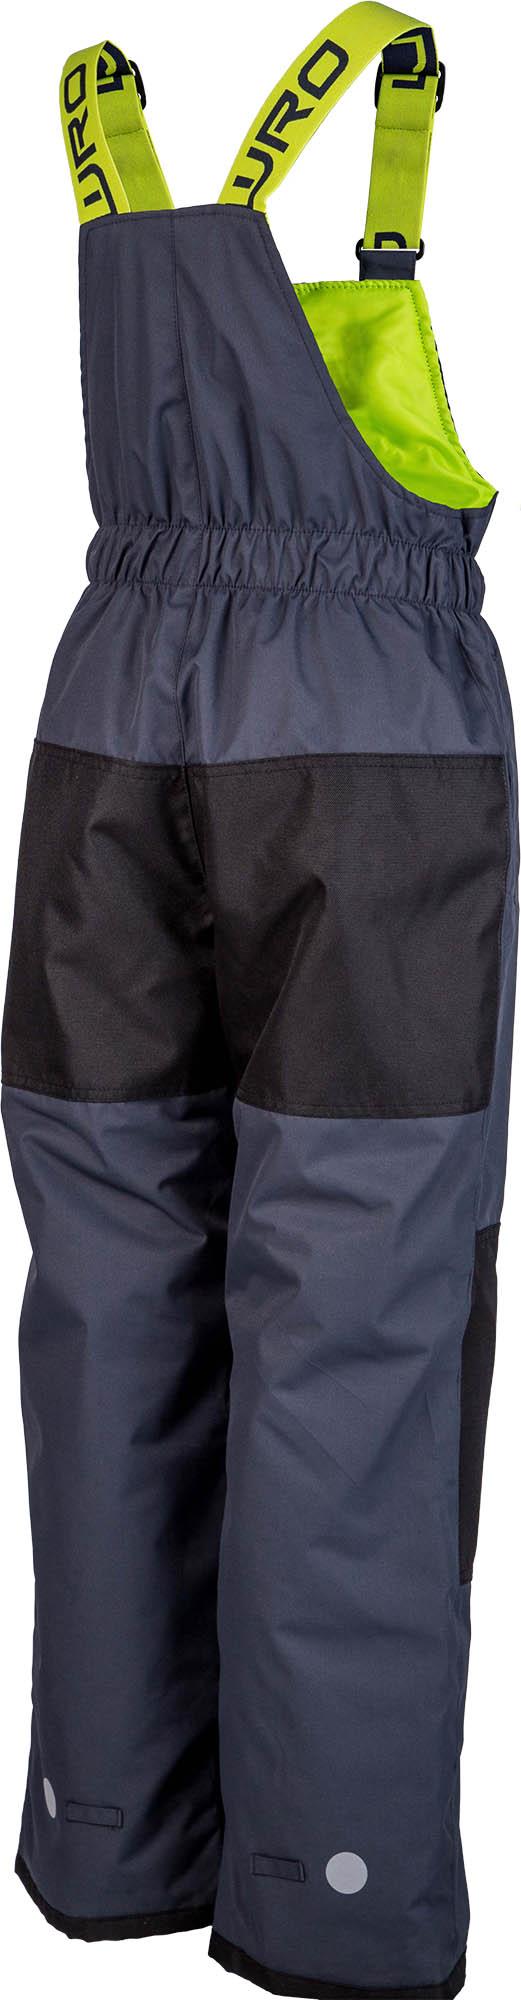 Dětské zateplené kalhoty